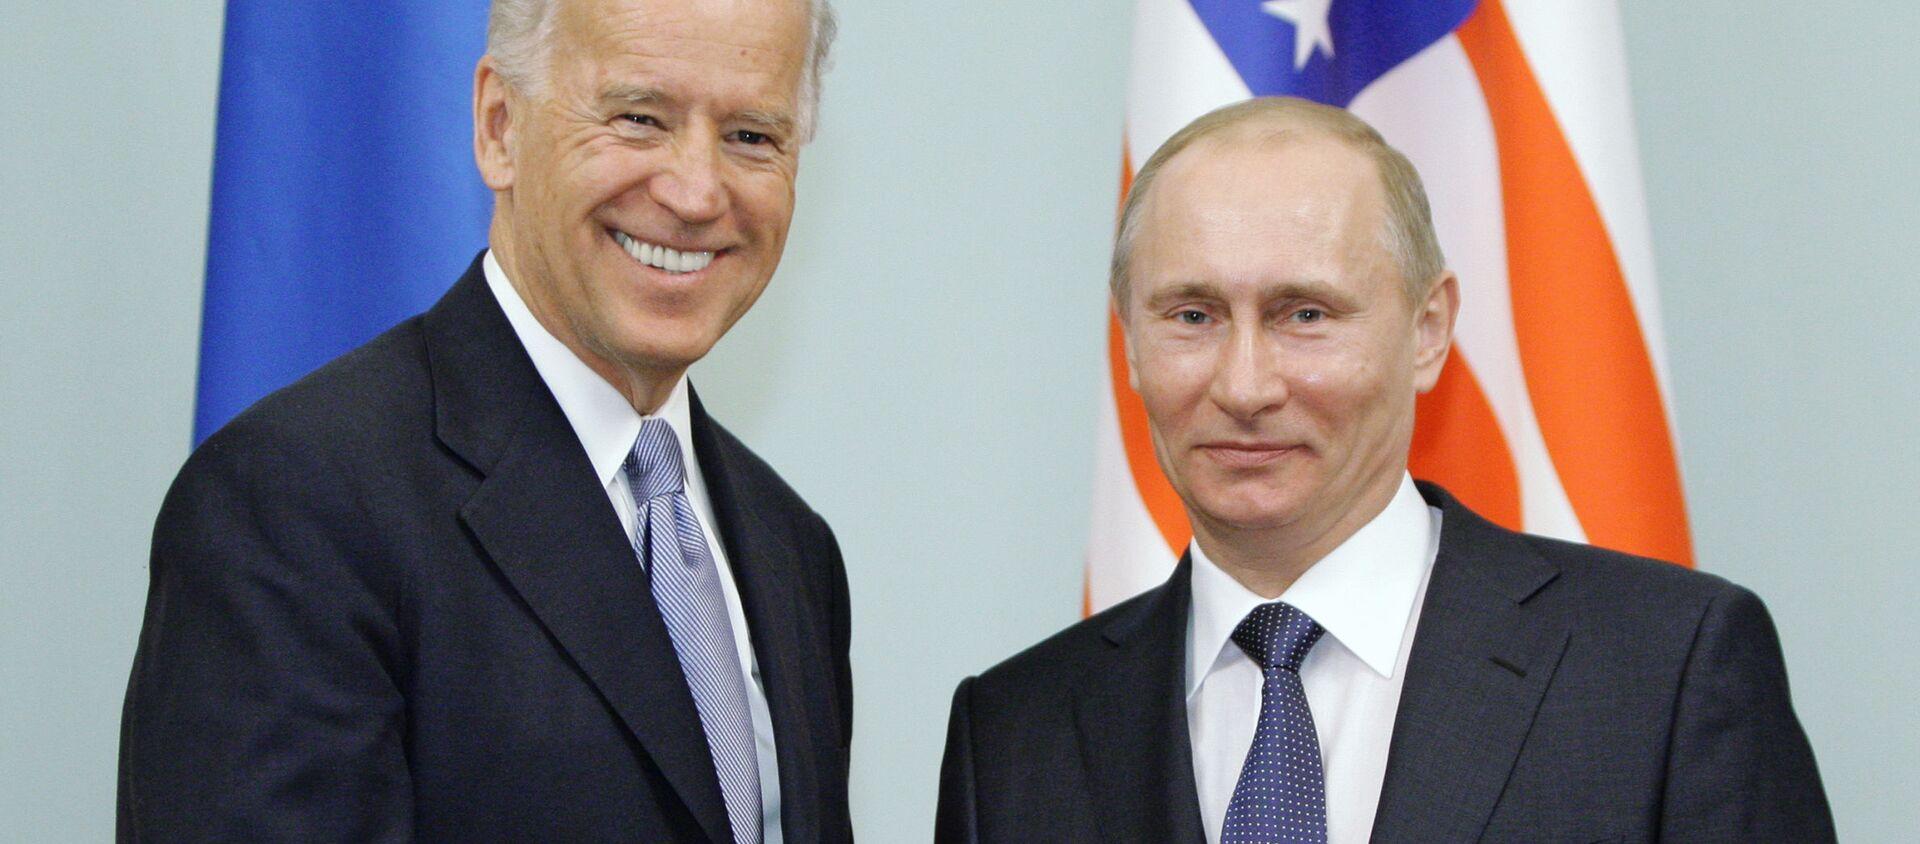 Cuộc gặp giữa thủ tướng Nga Vladimir Putin và phó tổng thống Hoa Kỳ Joe Biden, năm 2011  - Sputnik Việt Nam, 1920, 19.03.2021